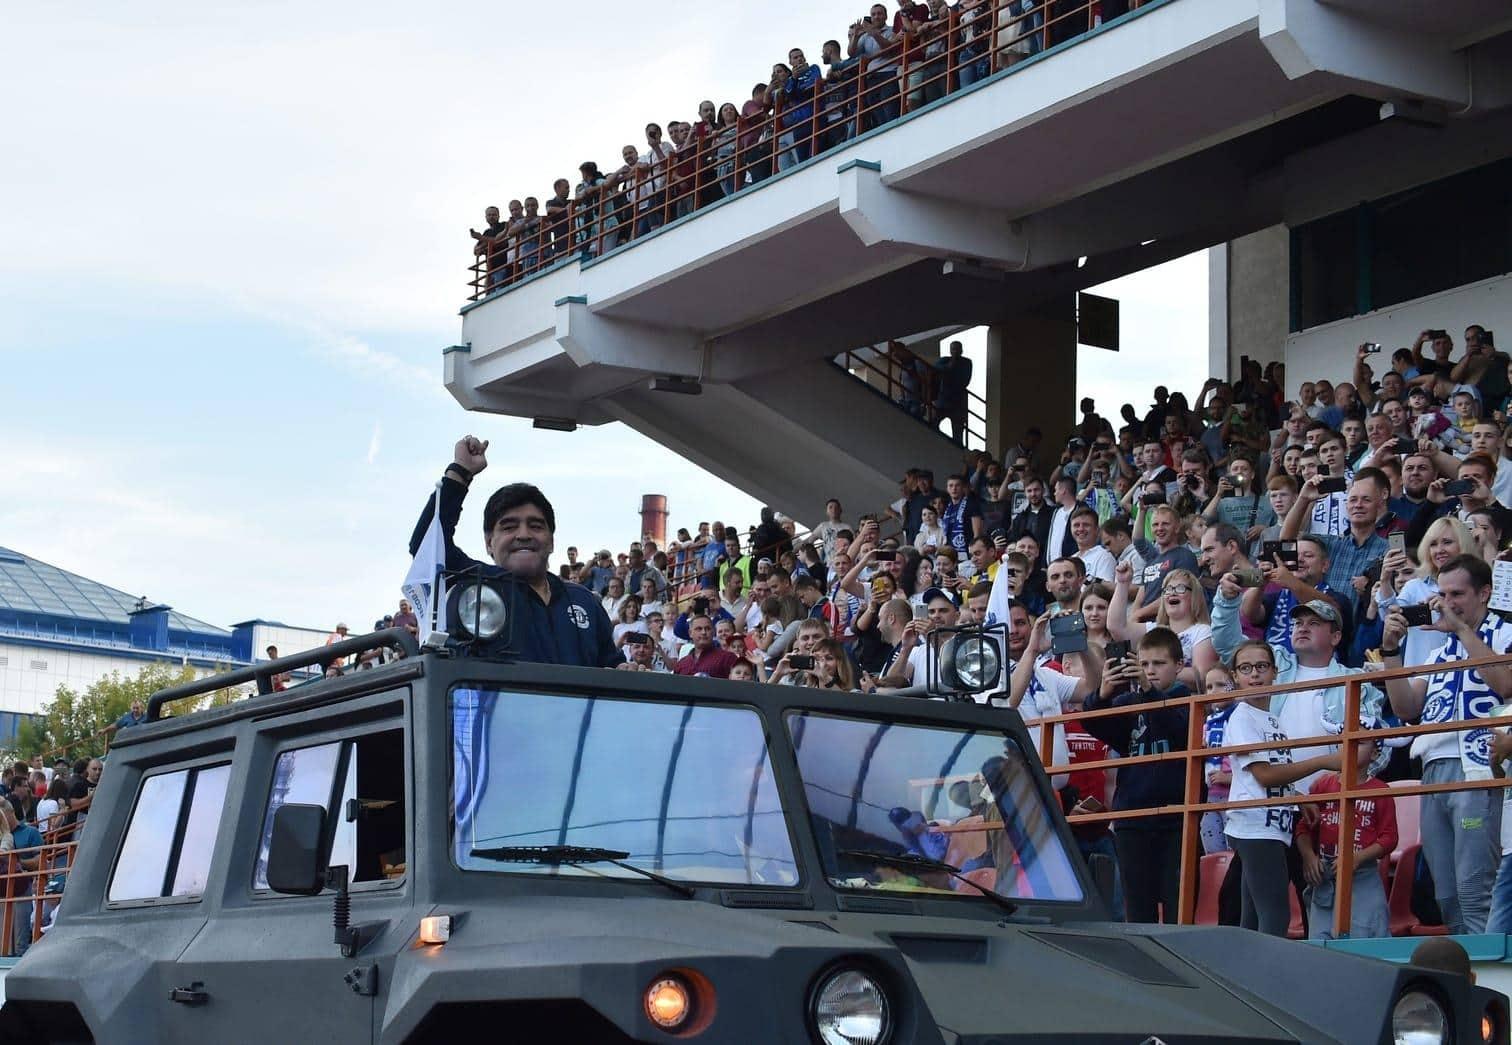 <p>Diego Maradona ist bei seinem neuen Arbeitgeber Dinamo Brest angekommen. Aber seht euch selbst die coolen Bilder aus Weißrussland an.</p> Foto: AFP